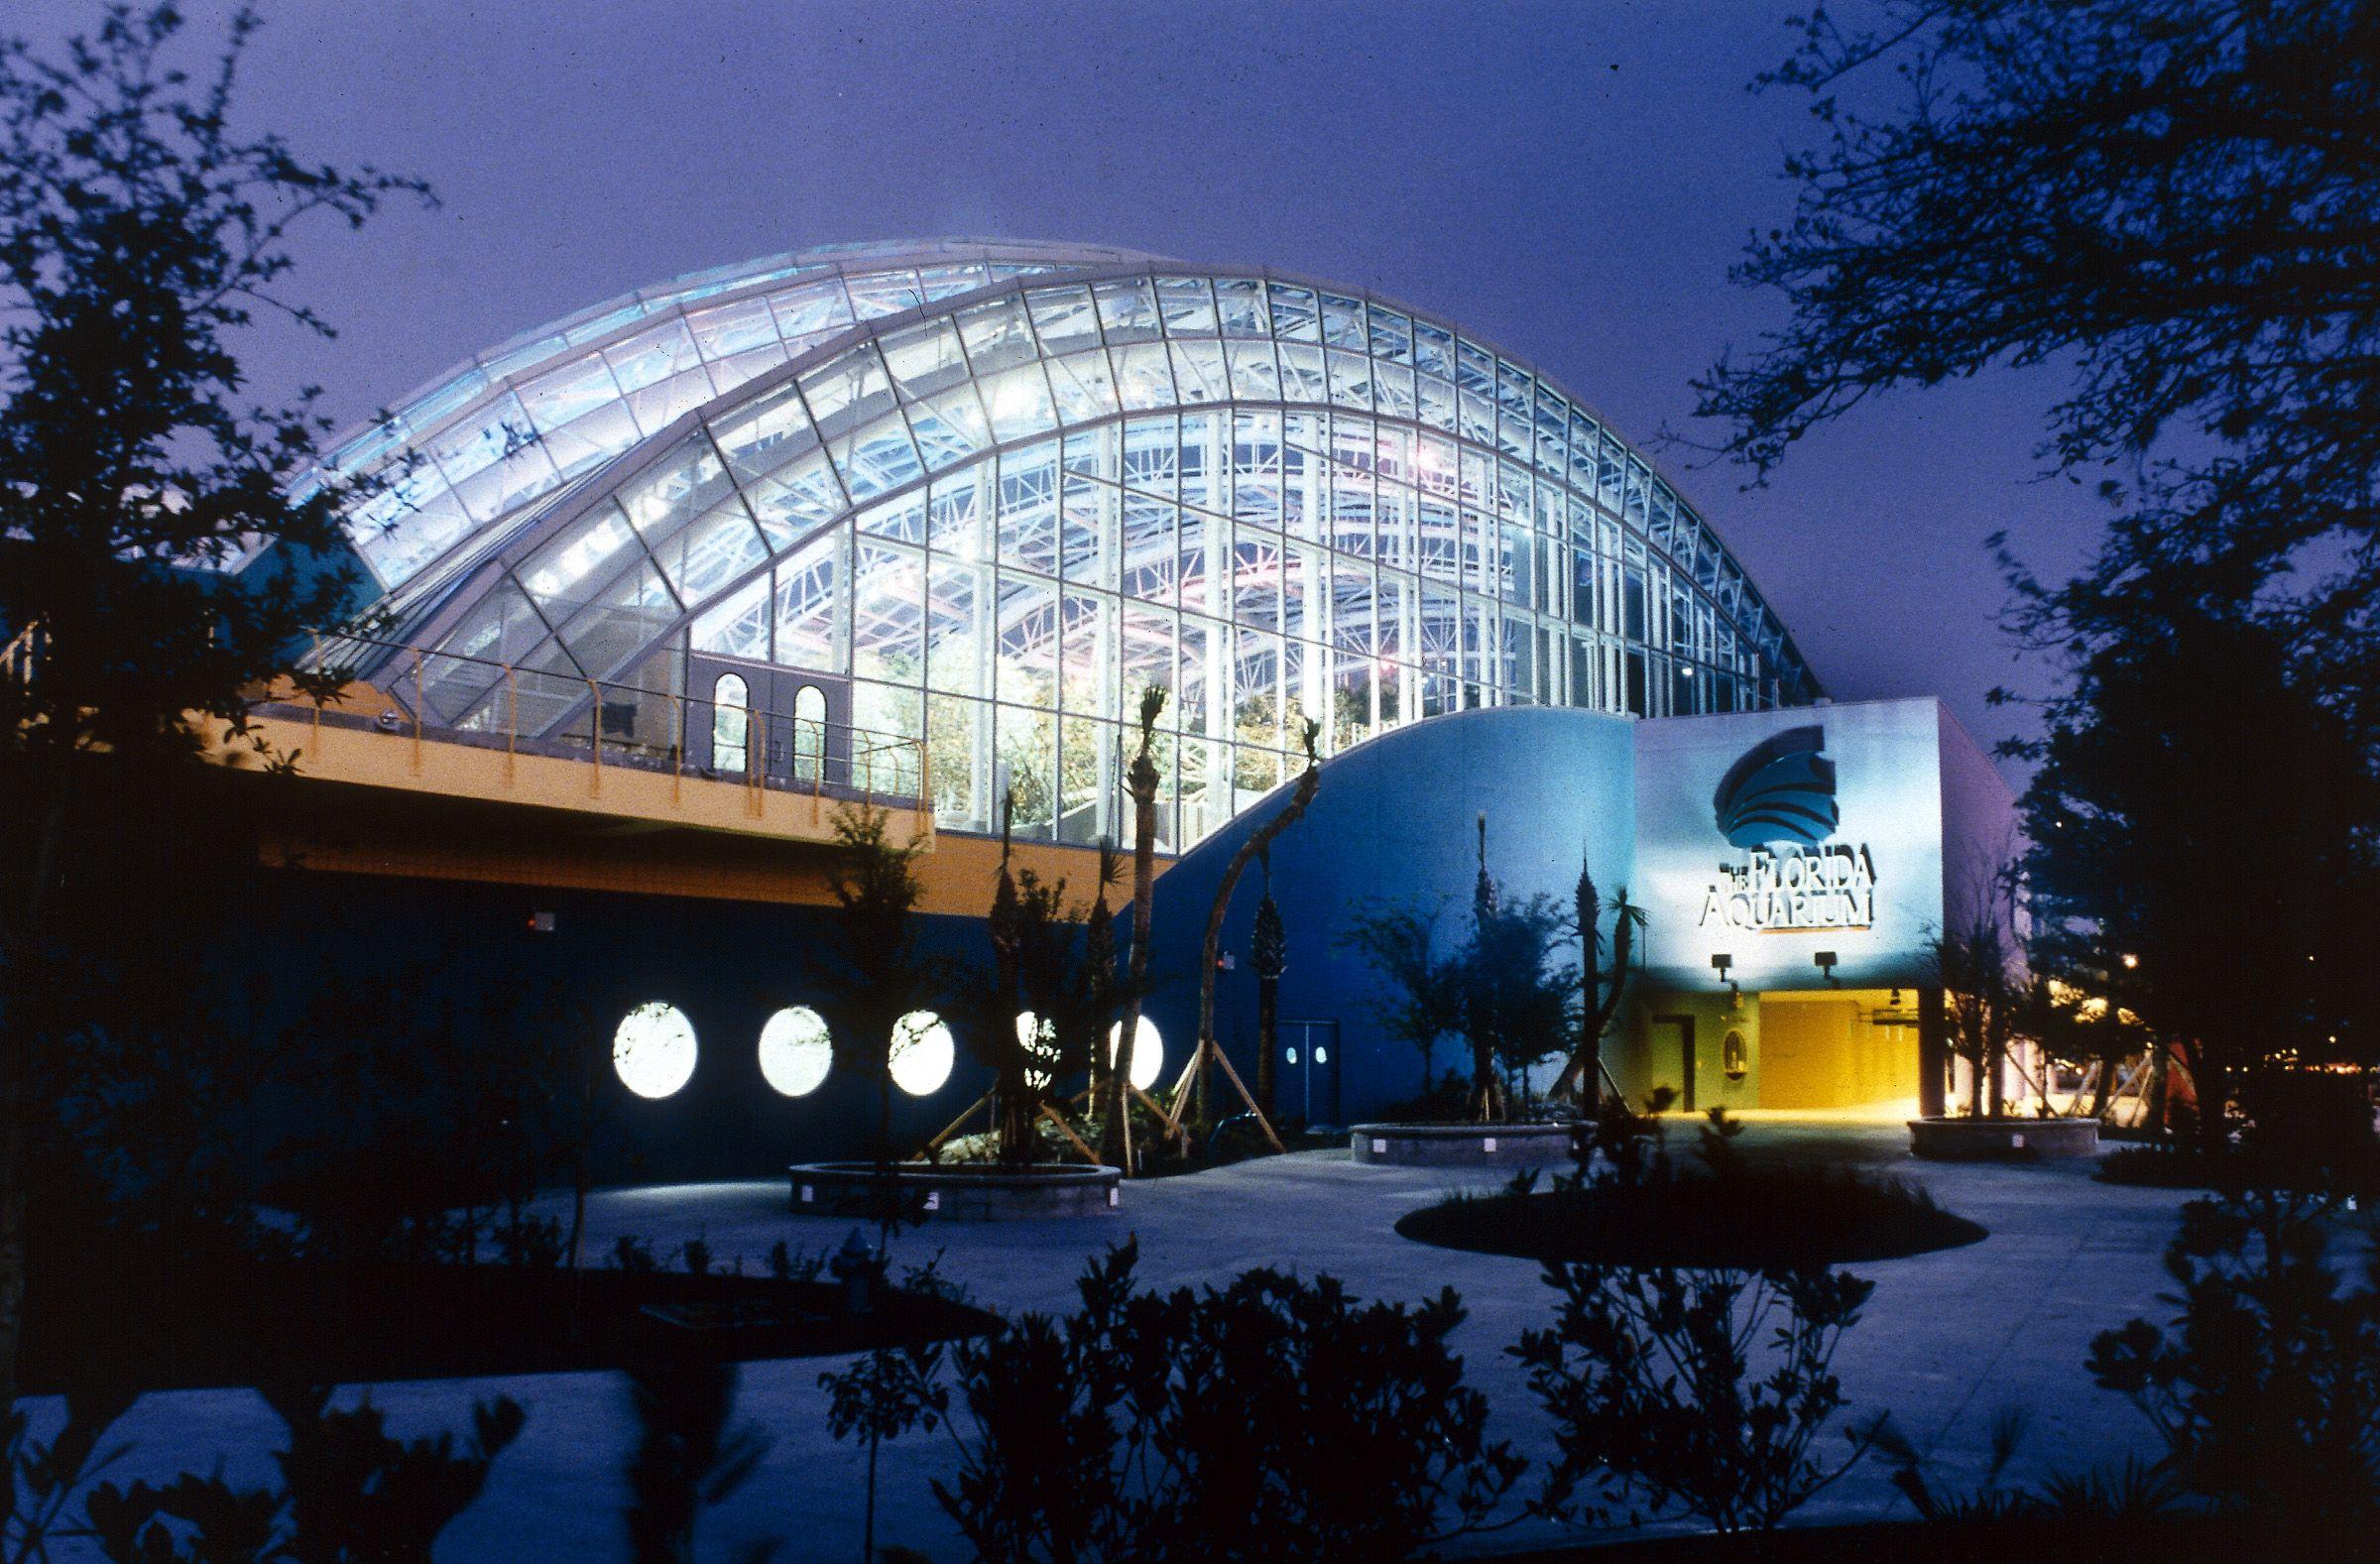 Tampa Aquarium Places We 39 Ve Visited Pinterest